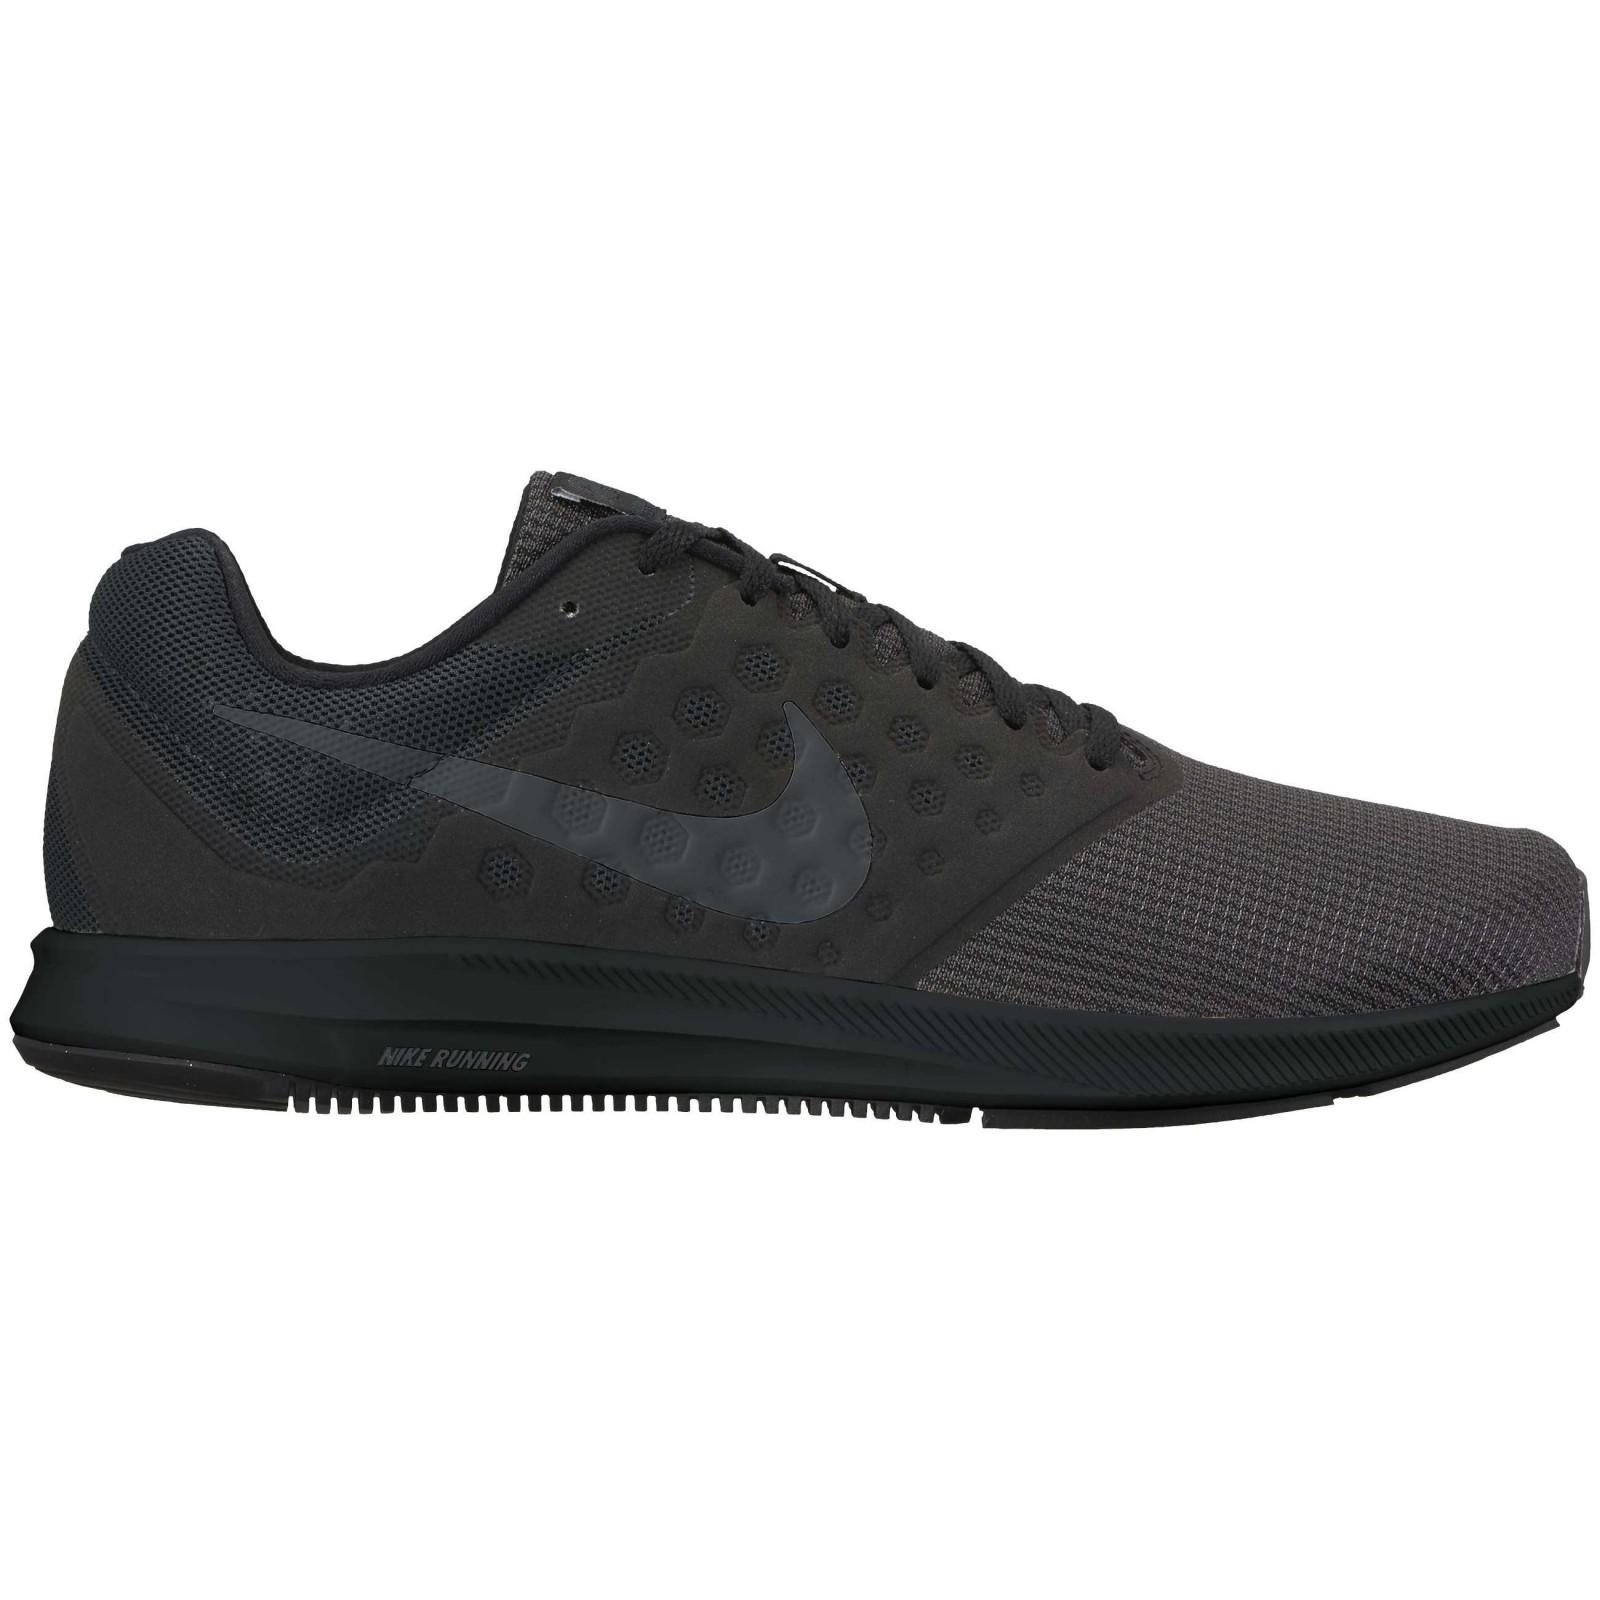 37f57ef5f8c Pánské běžecké boty Nike DOWNSHIFTER 7